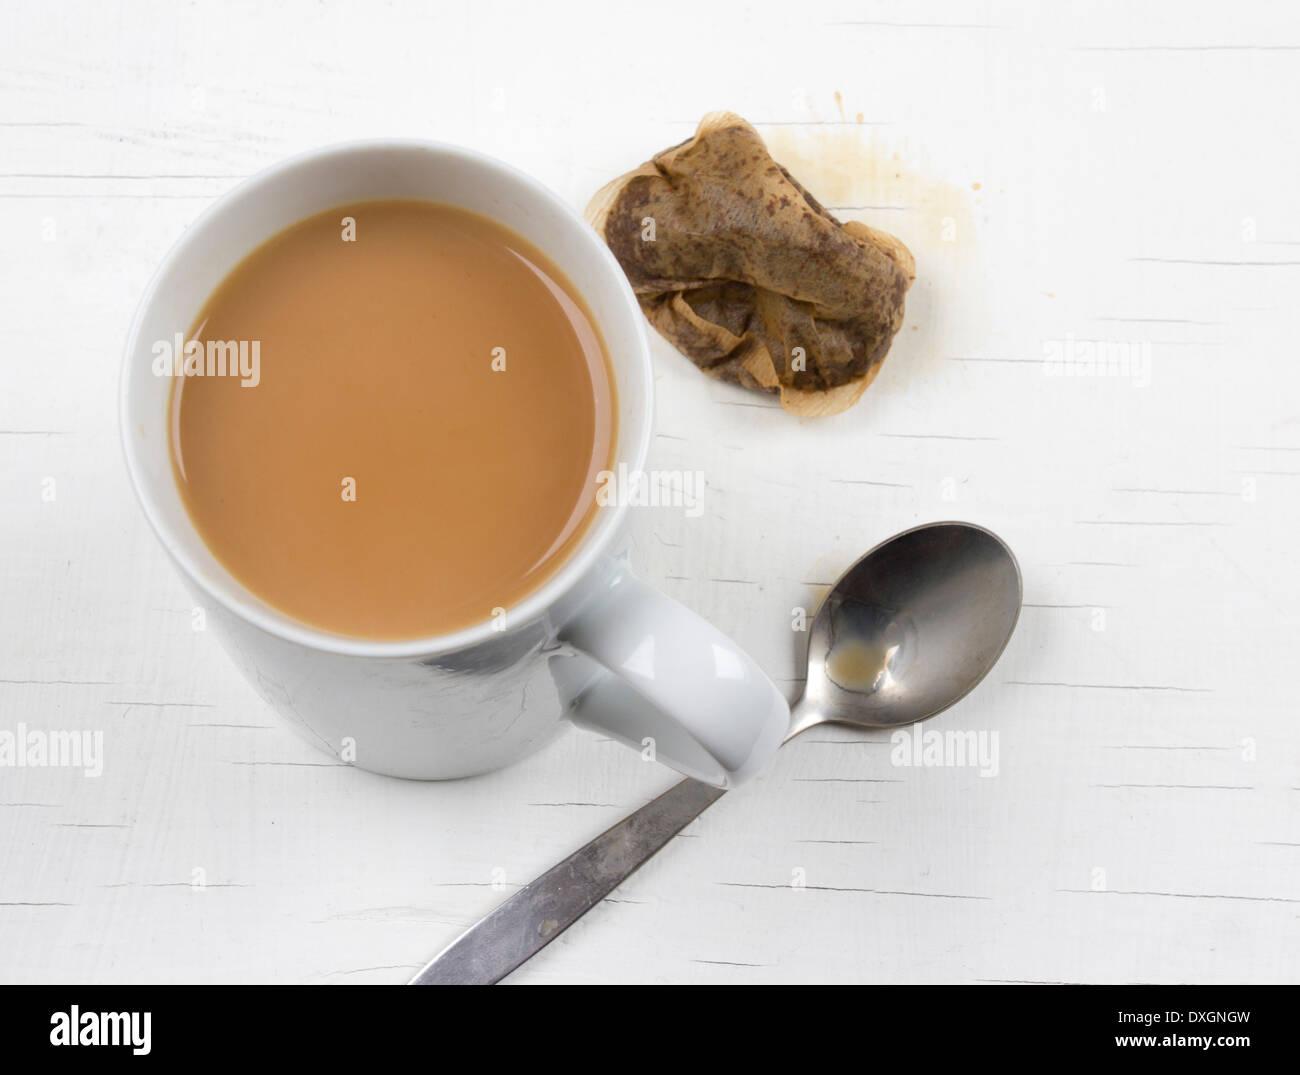 Eine Tasse starken Tee mit Milch, einen gebrauchten Teebeutel und einen Teelöffel auf weißem Hintergrund Stockbild